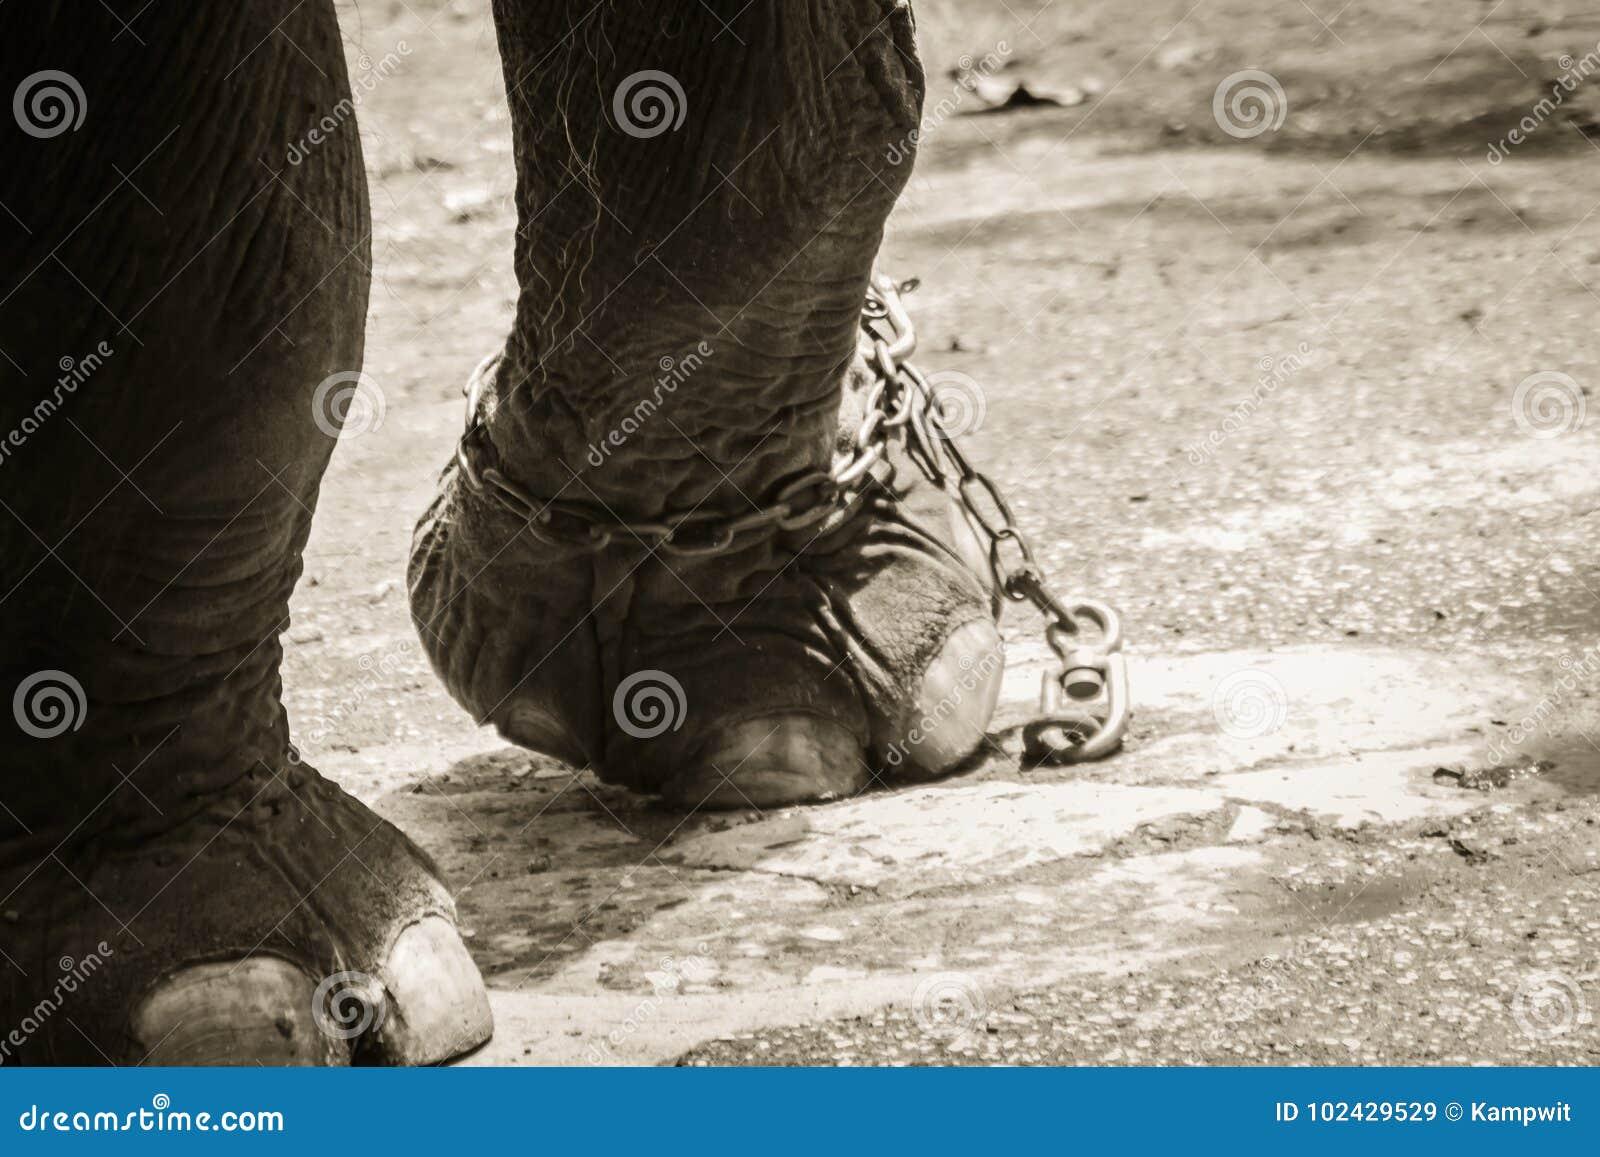 Noga przykuwający słoń i spojrzenie bardzo żałośni